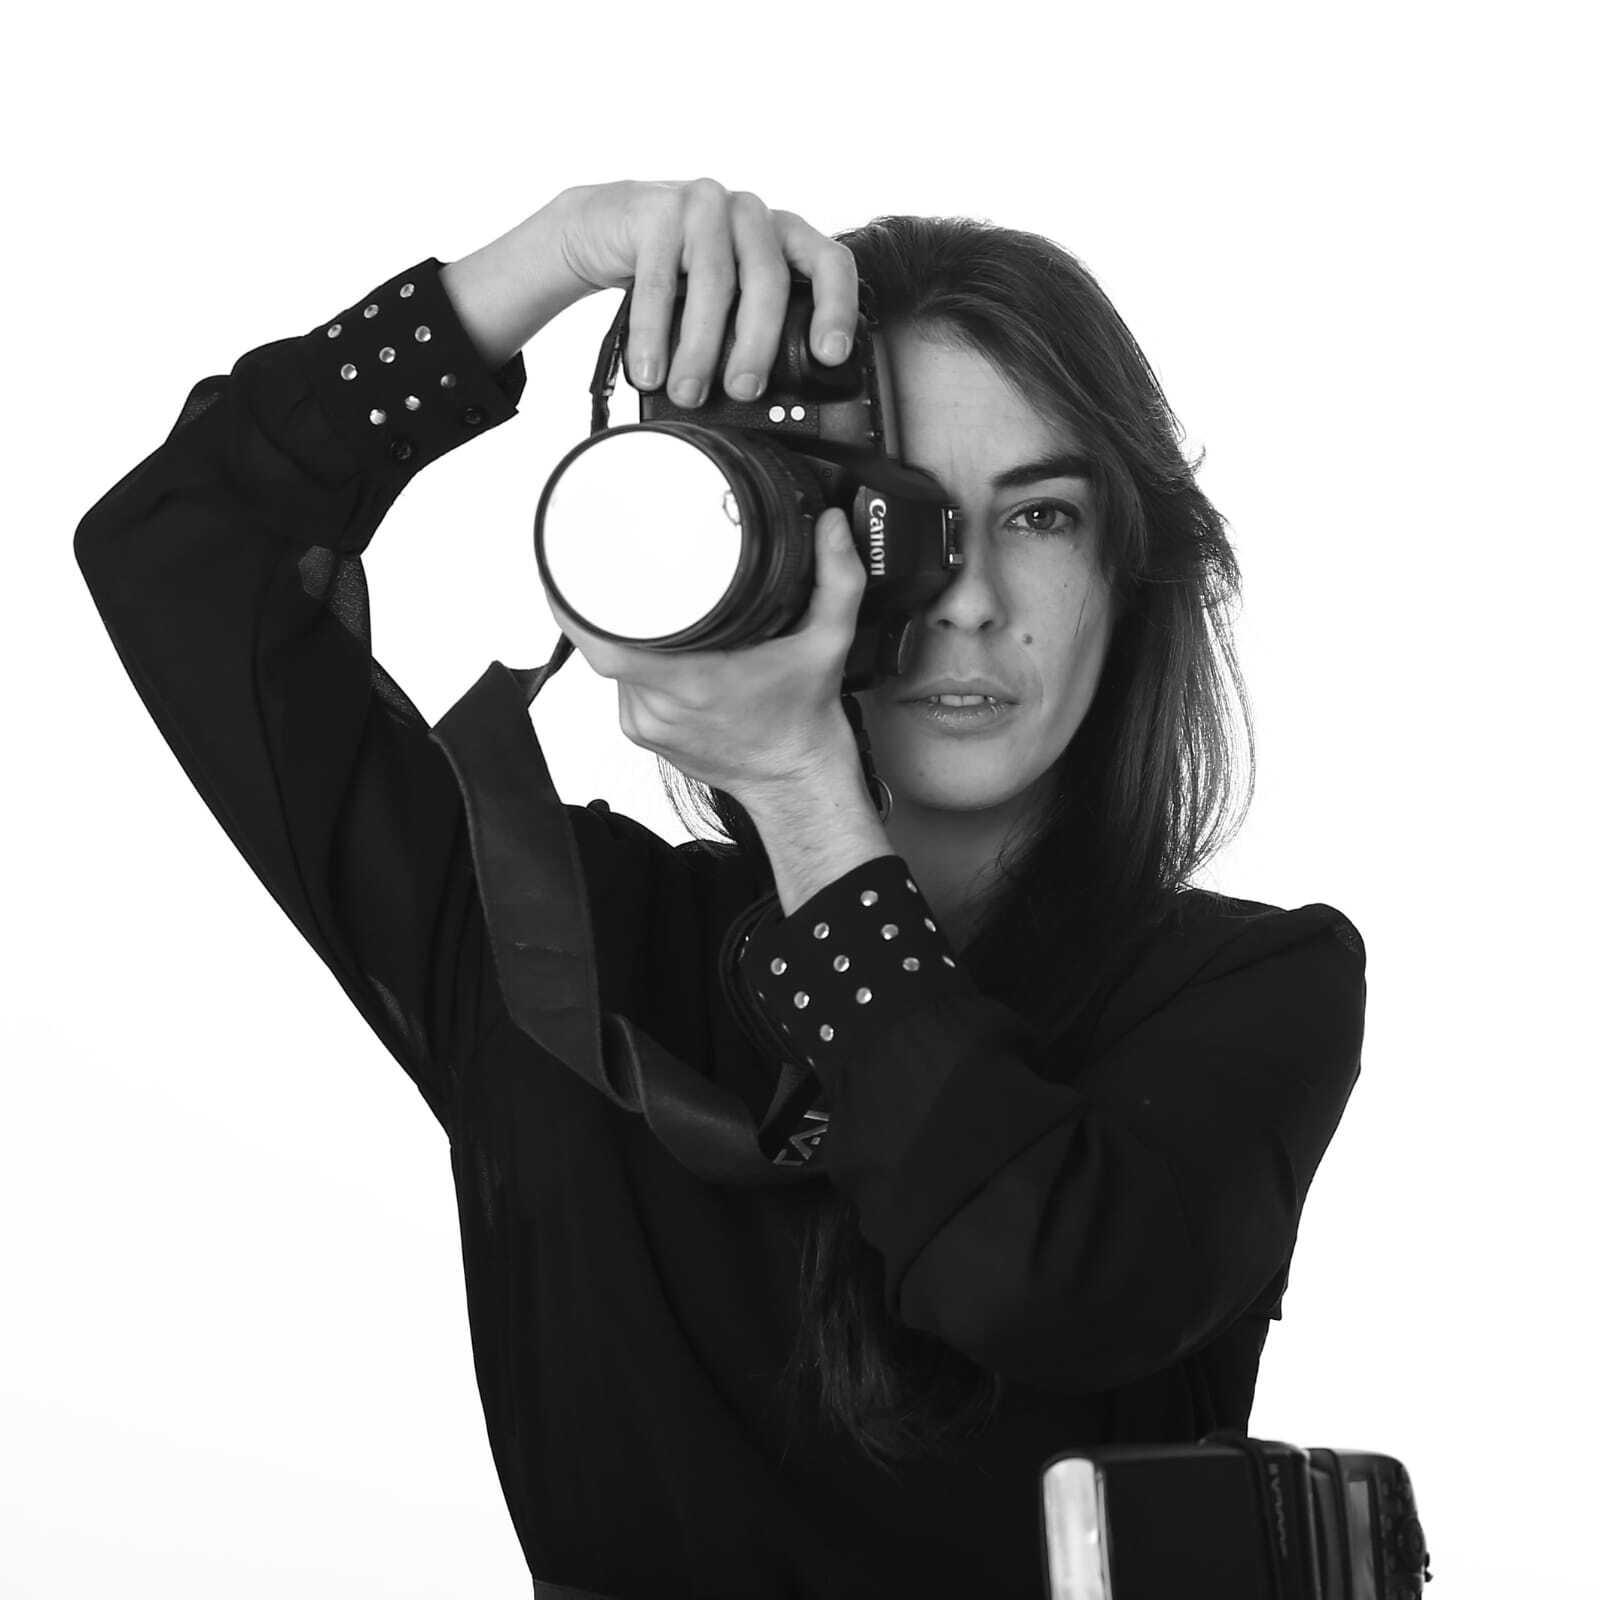 Fotógrafo profesional en Madrid. Book de fotos, moda y publicidad